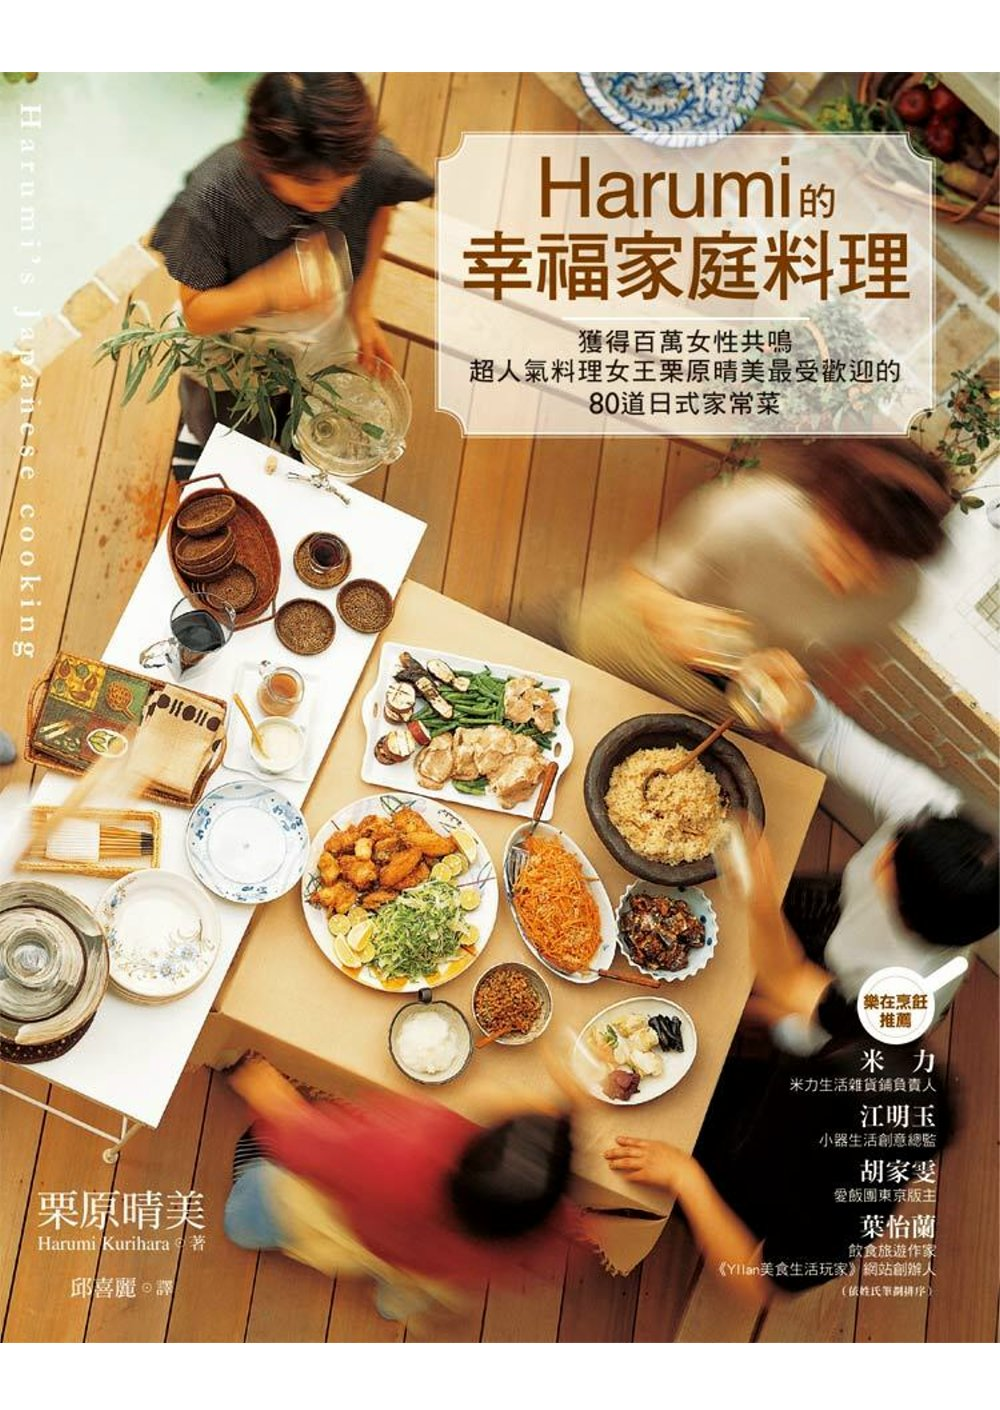 Harumi的幸福家庭料理──獲得百萬女性共鳴、超 料理女王栗原晴美最受 的80道日式家常